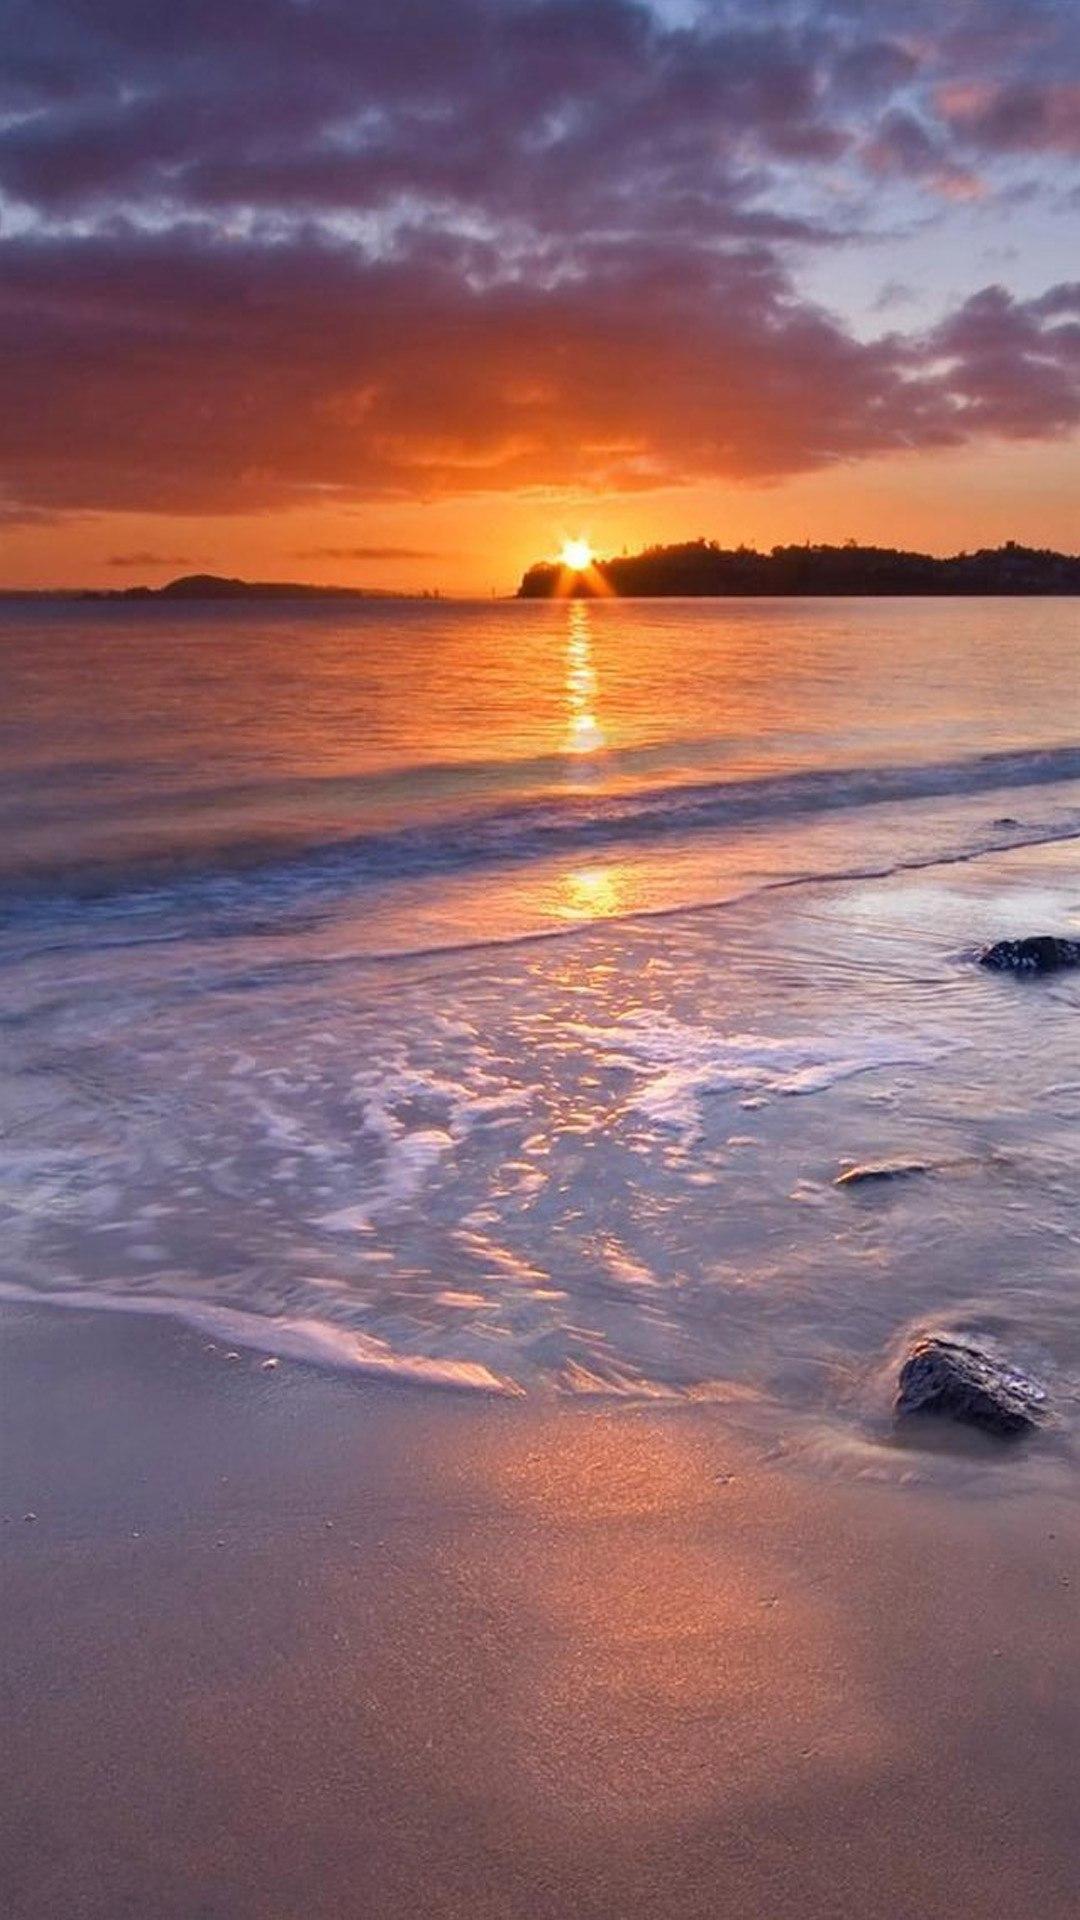 Картинки закат и море на телефон, шиповник майский